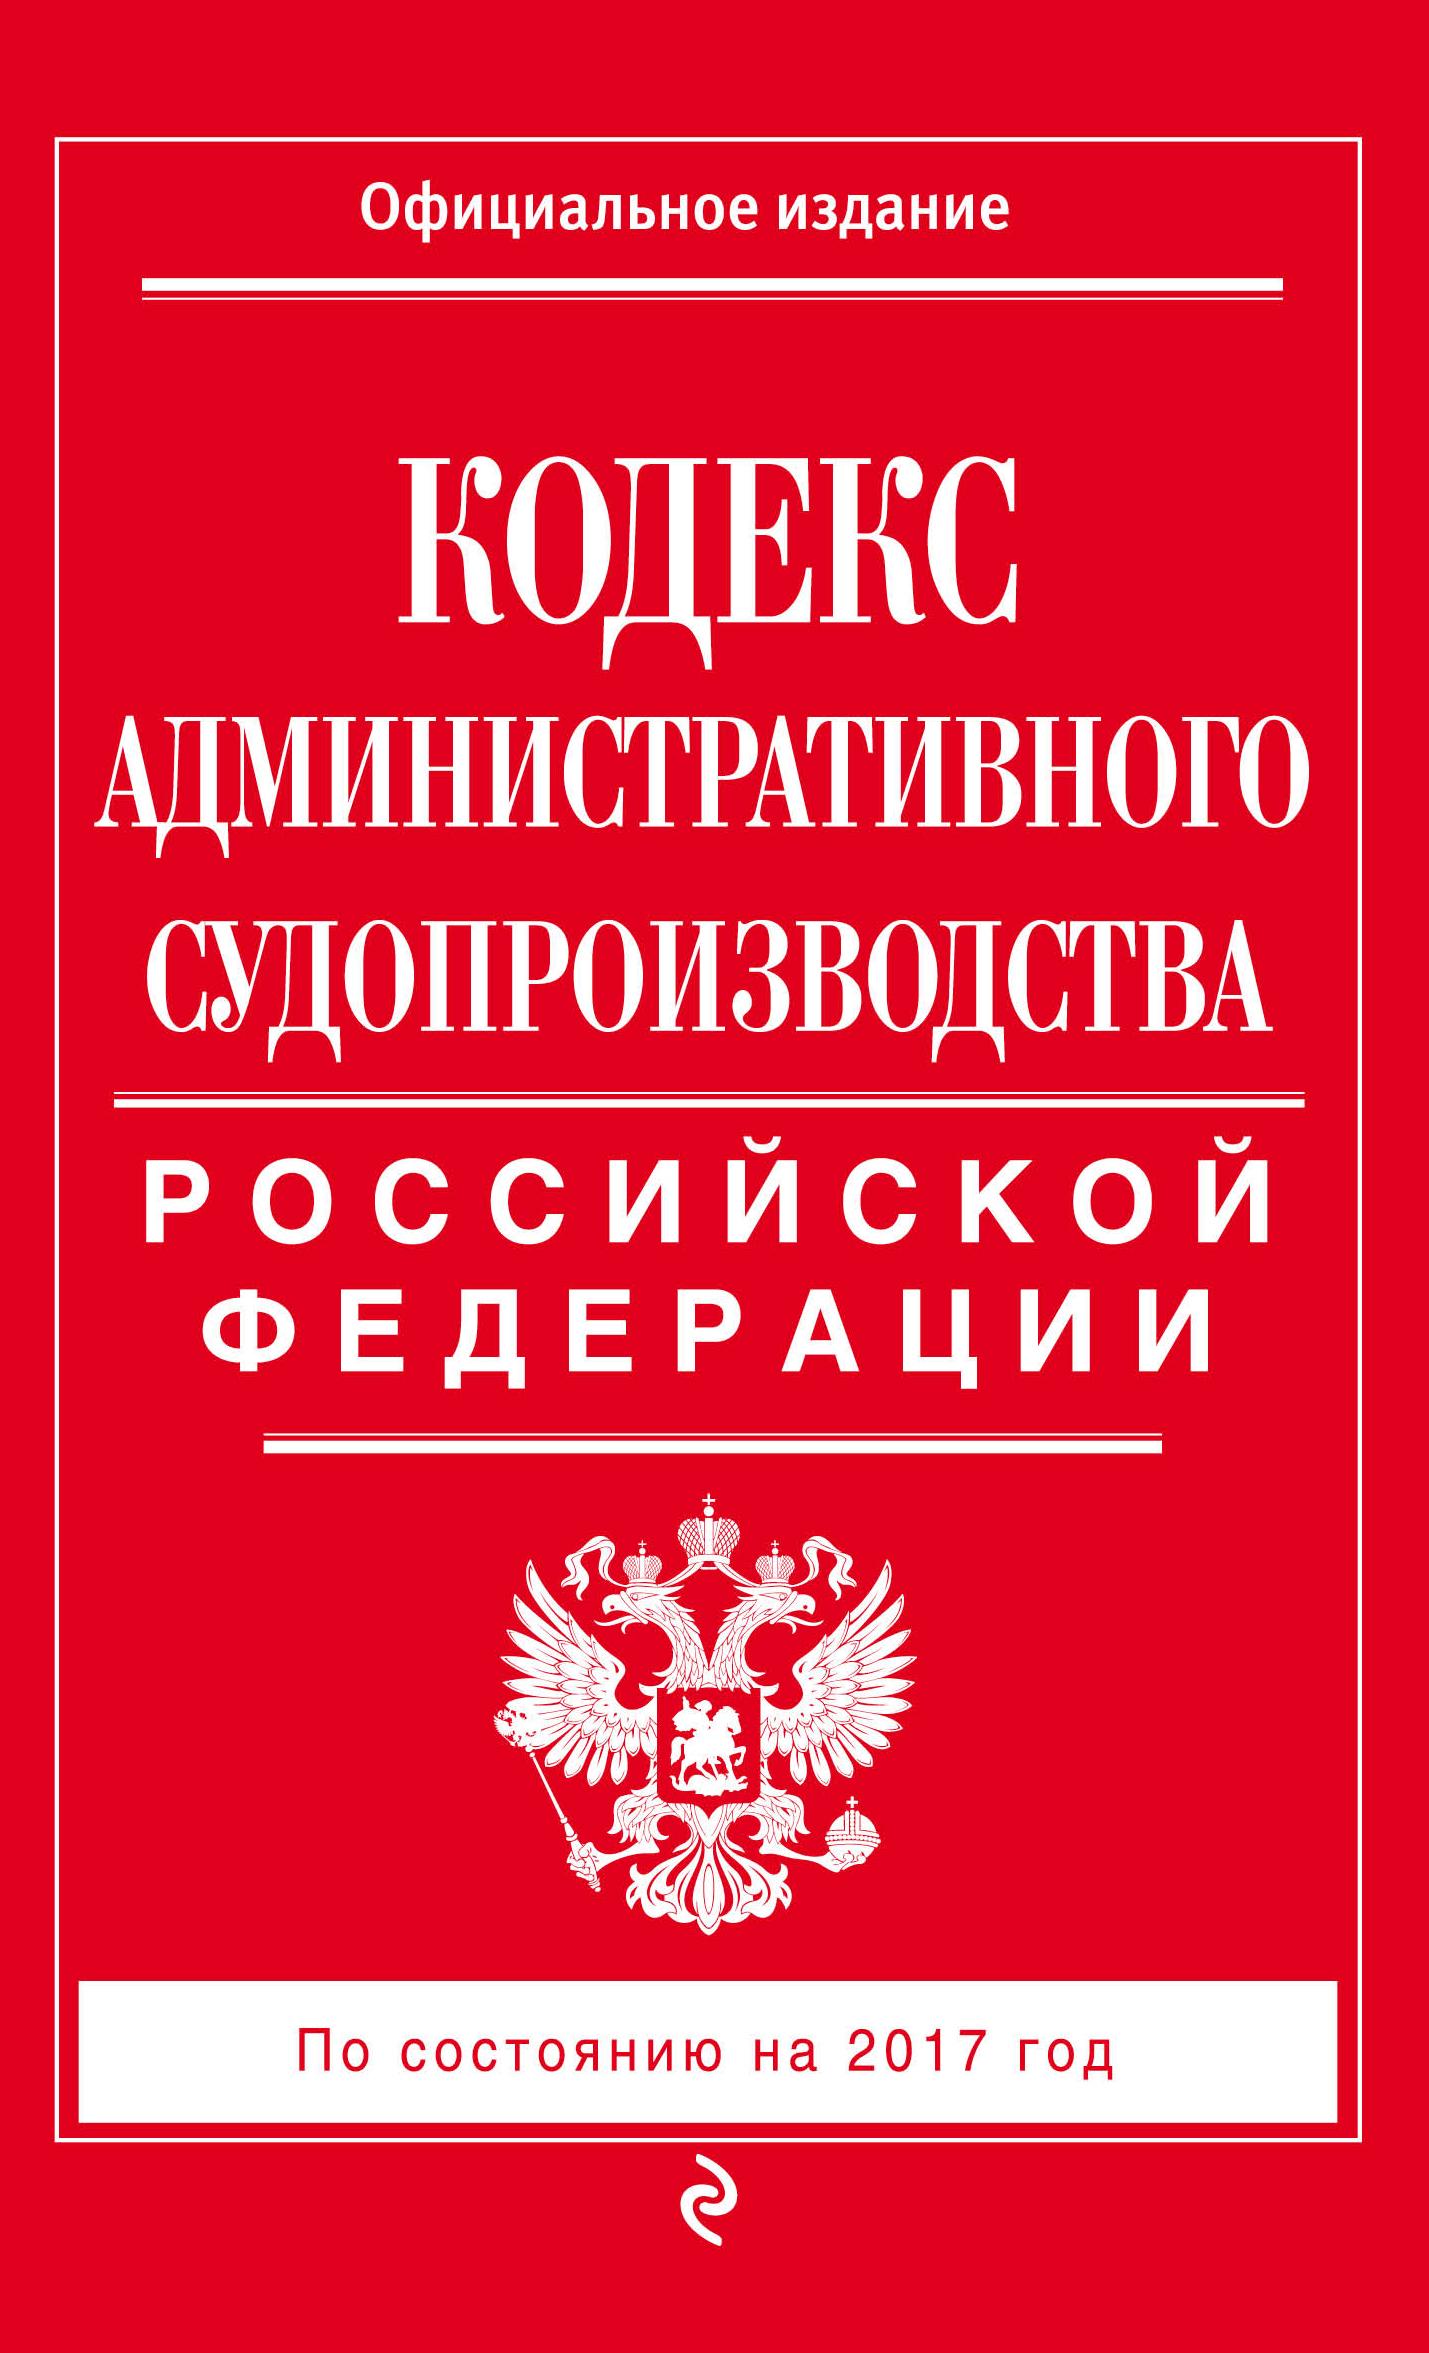 Кодекс административного судопроизводства Российской Федерации кодекс административного судопроизводства рф по сост на 20 02 17 с таблицей изменений